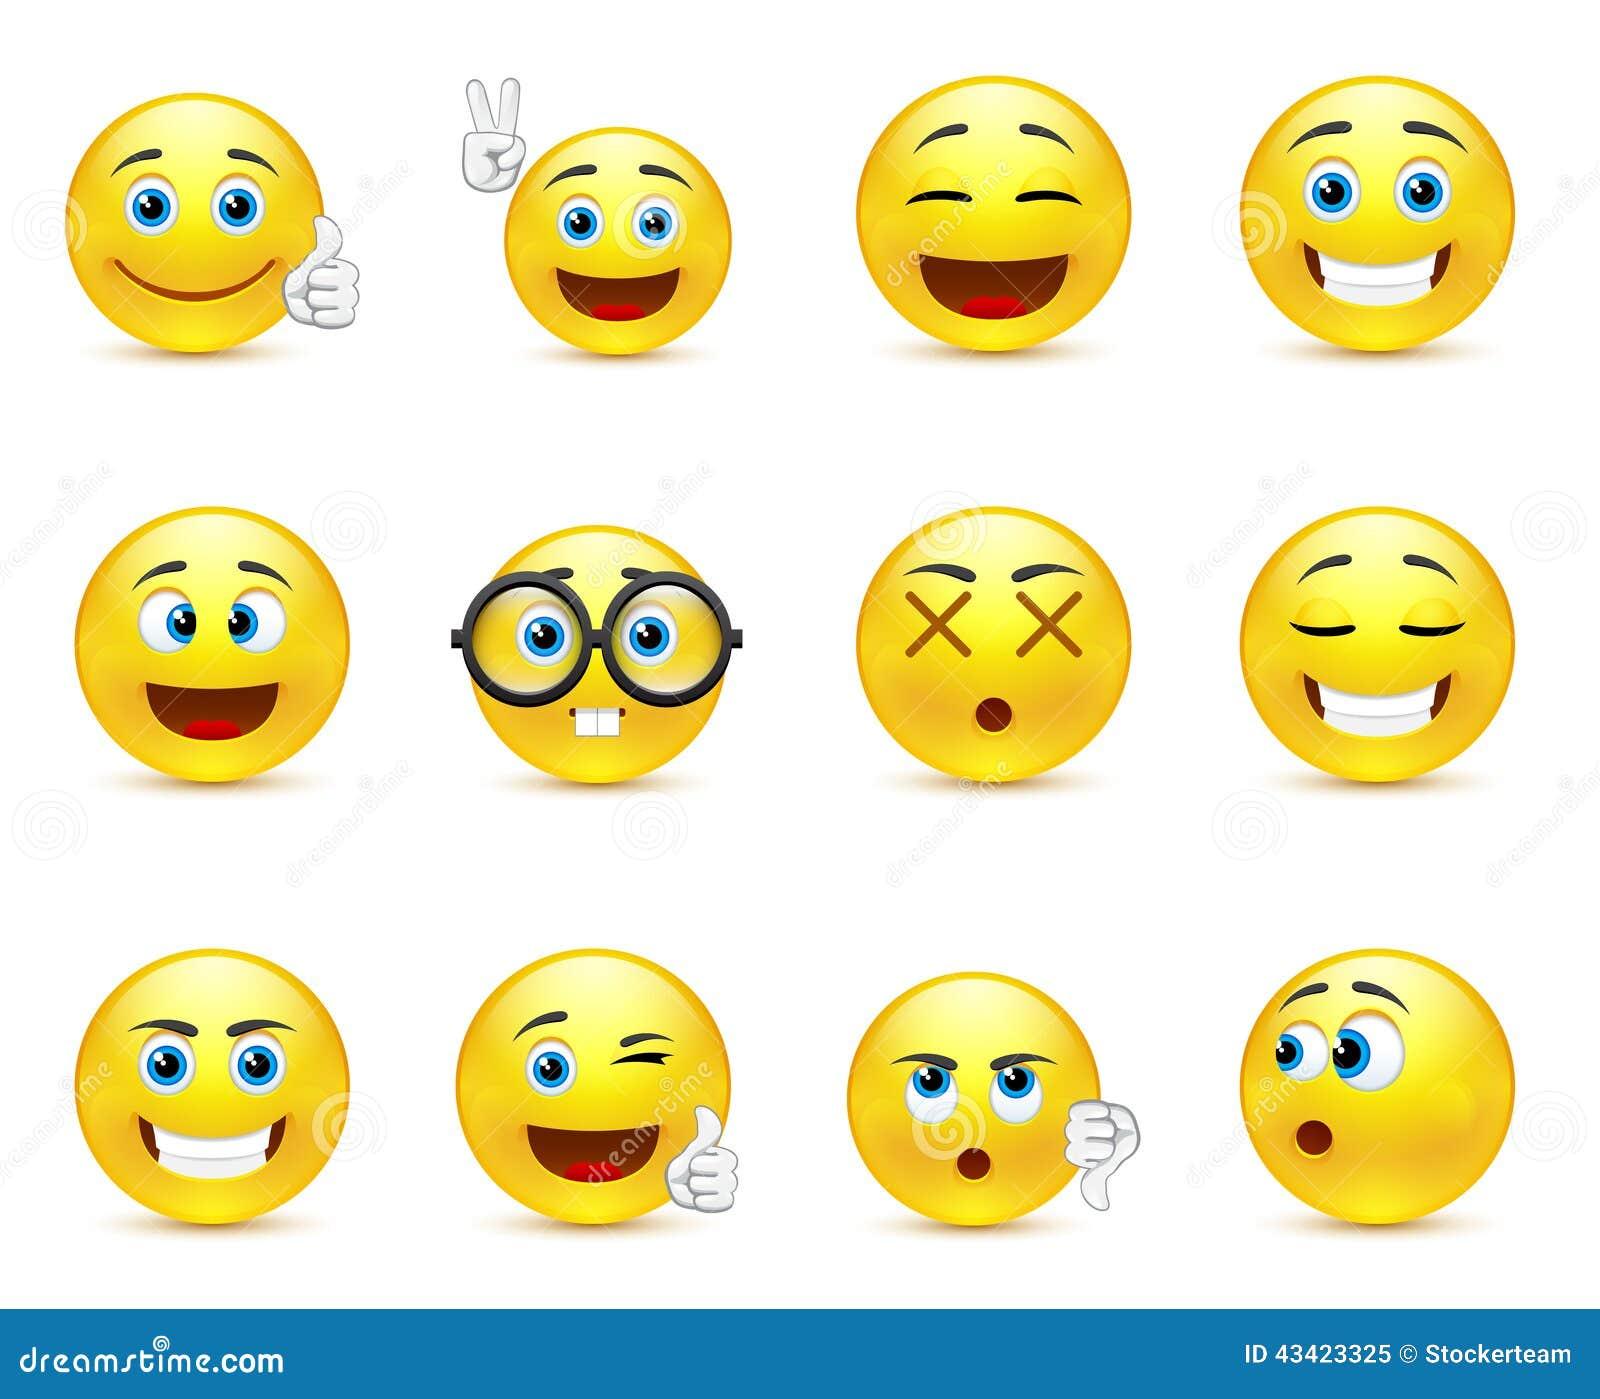 Fantastisch Gefühle Malvorlagen Zum Ausdrucken Fotos - Malvorlagen ...